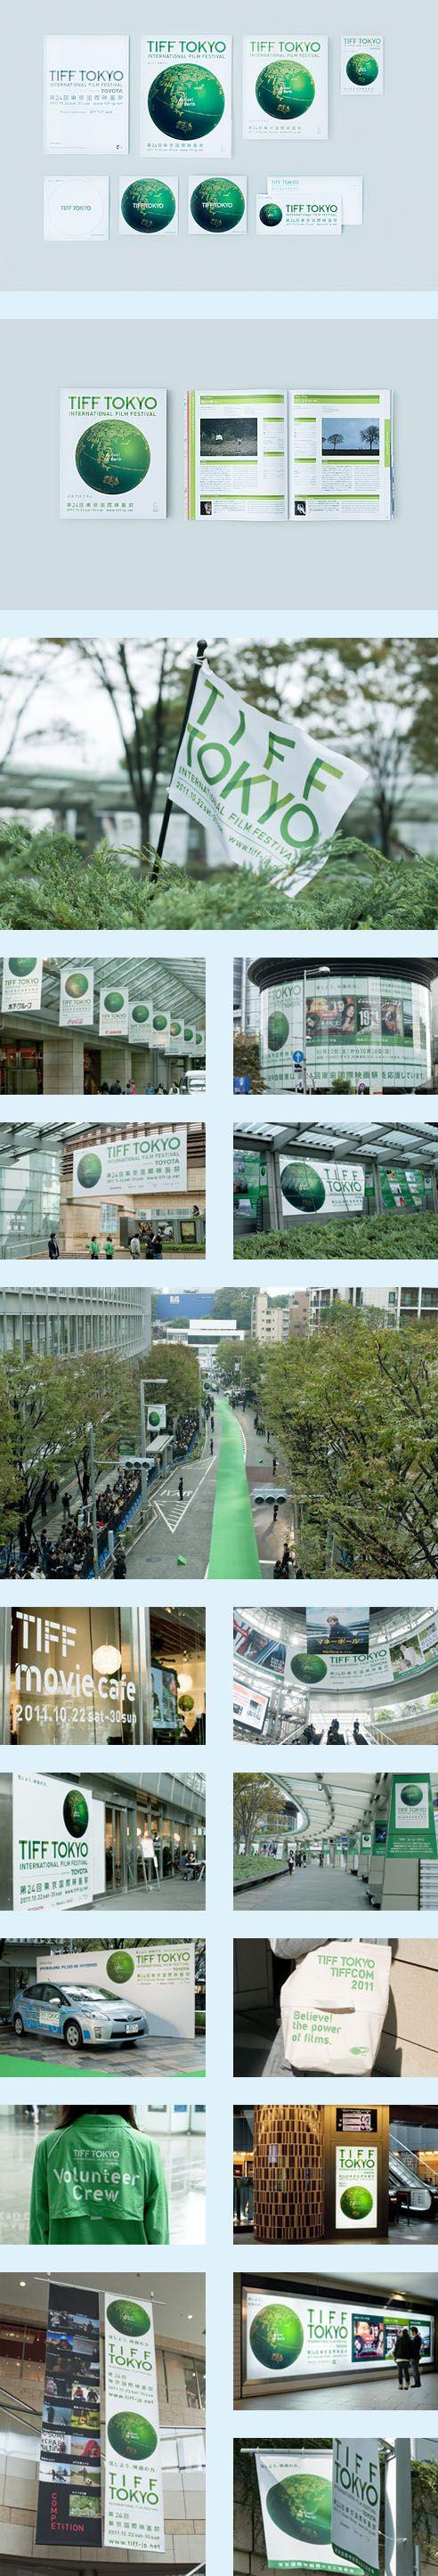 TIFF TOKYO_04.jpg